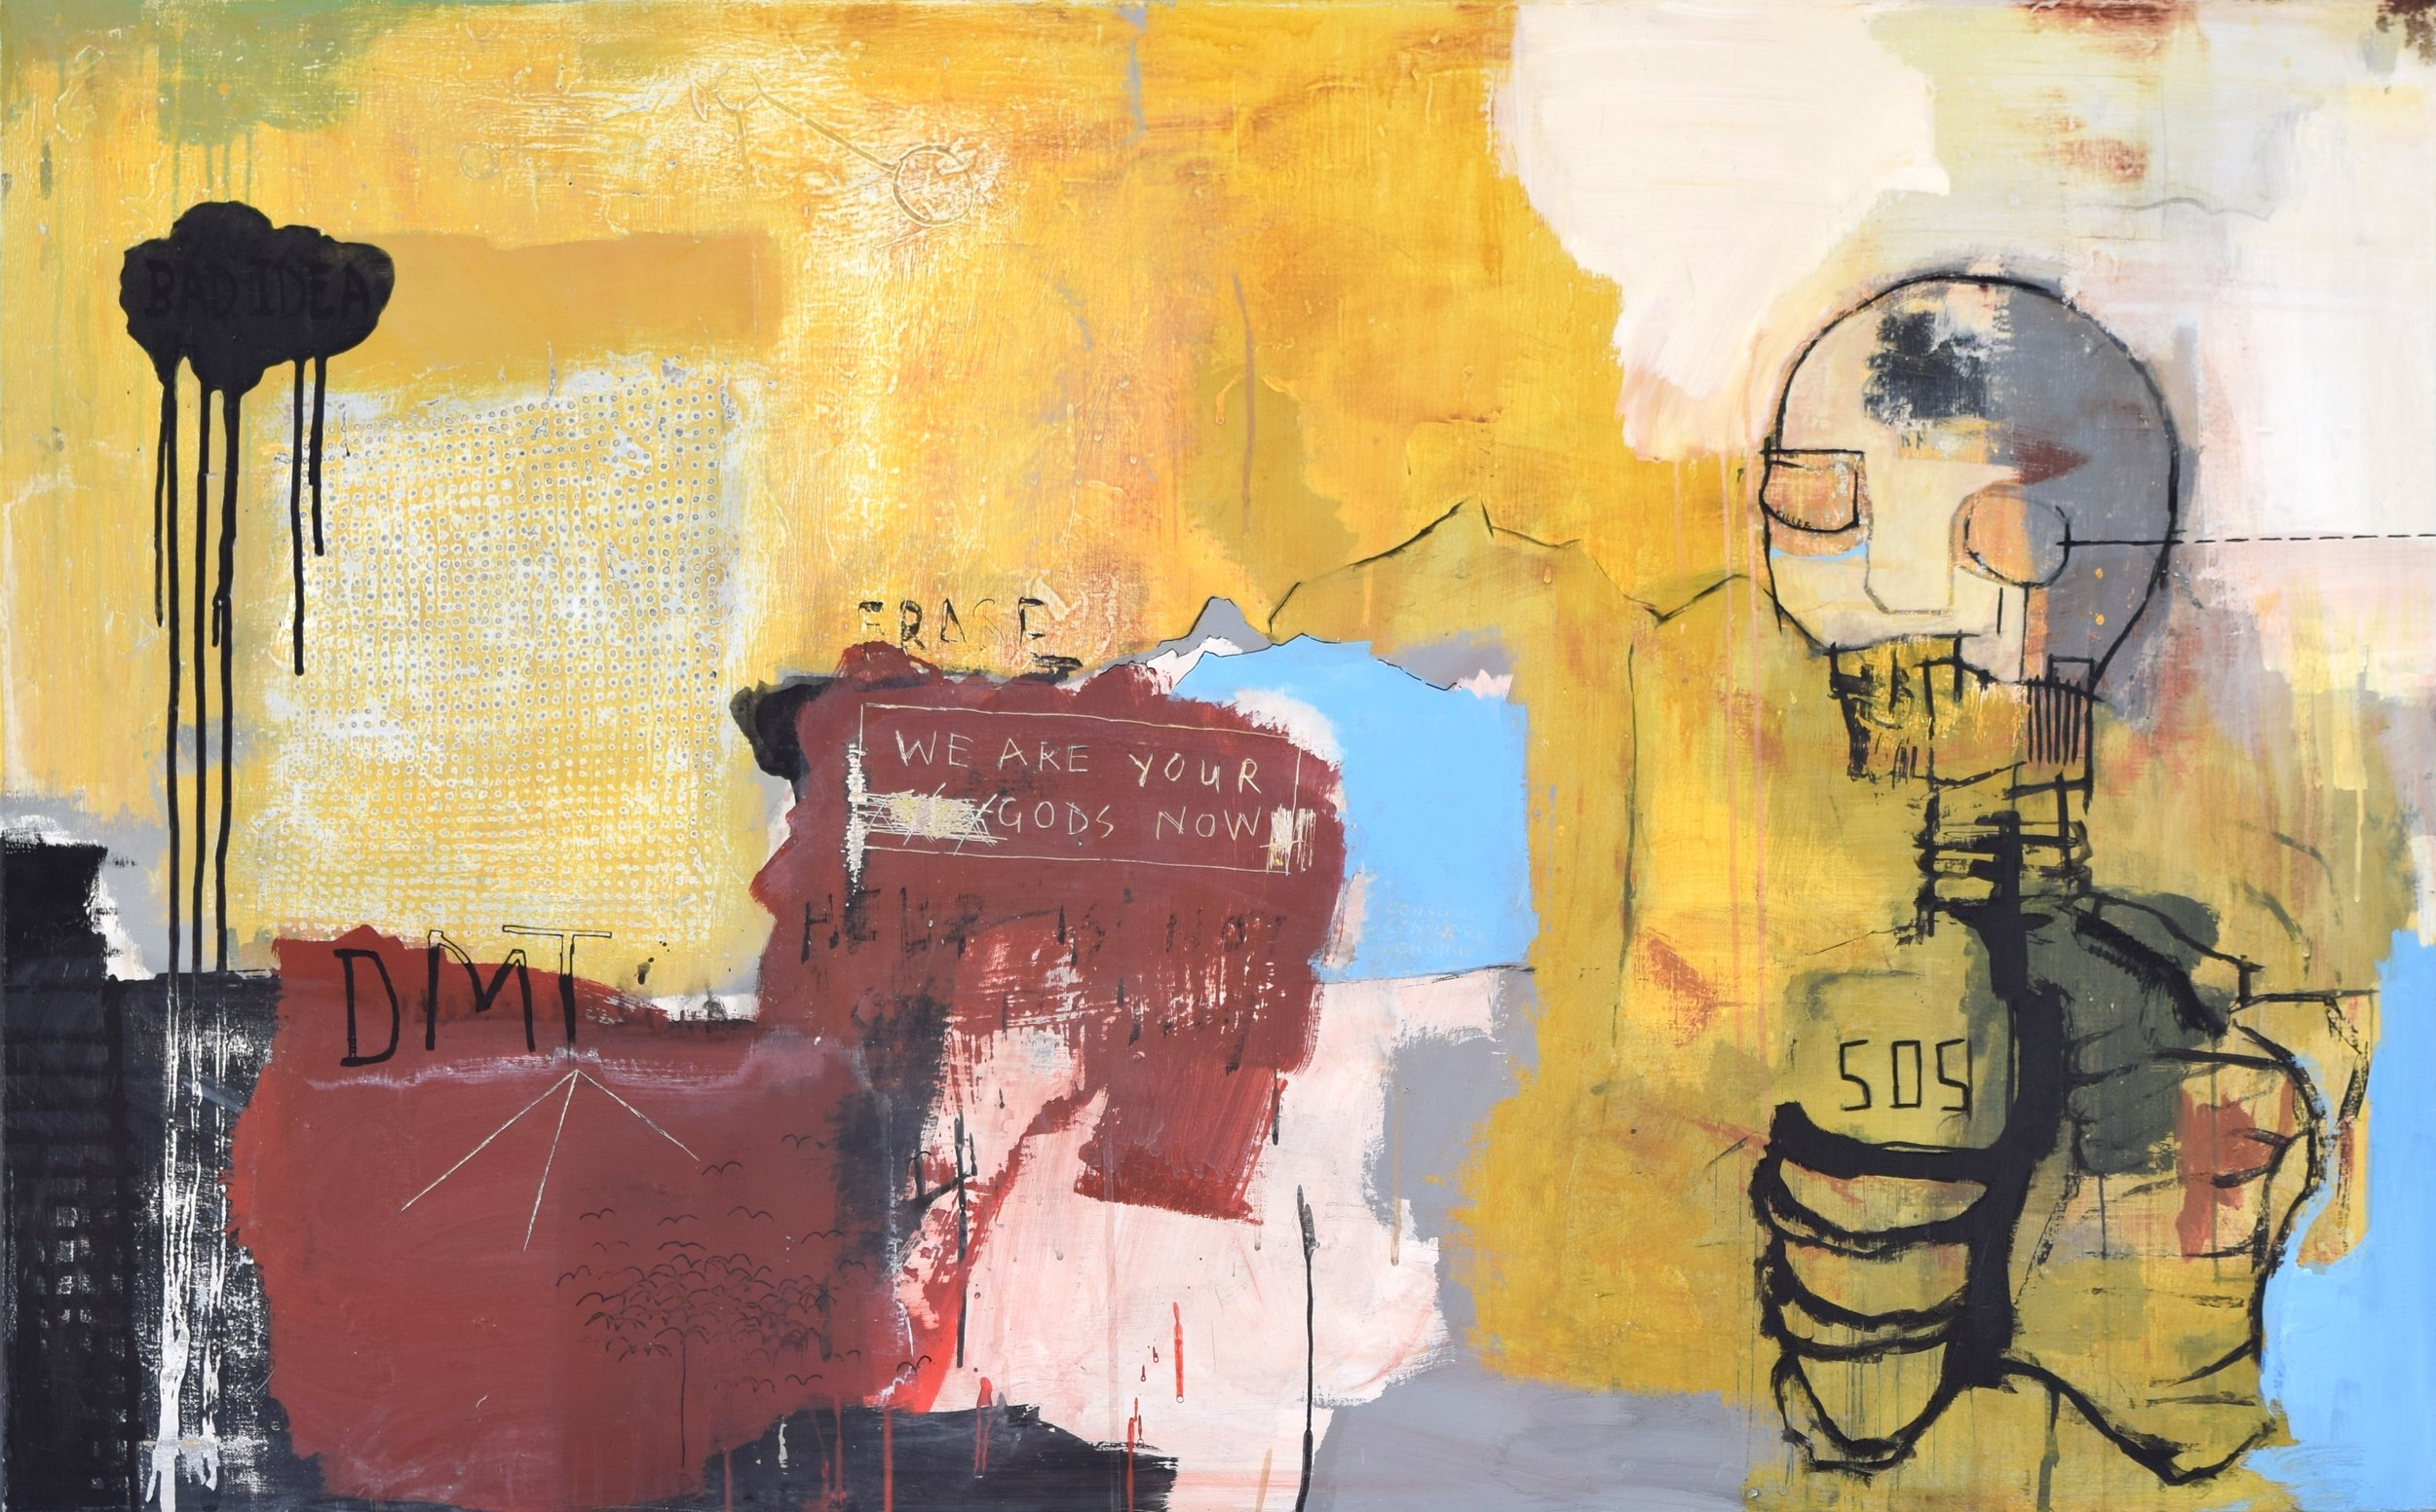 ' BAD IDEA 505' 2015    Acrylic paint and spray paint on canvas 80 x 120 x 2 cm